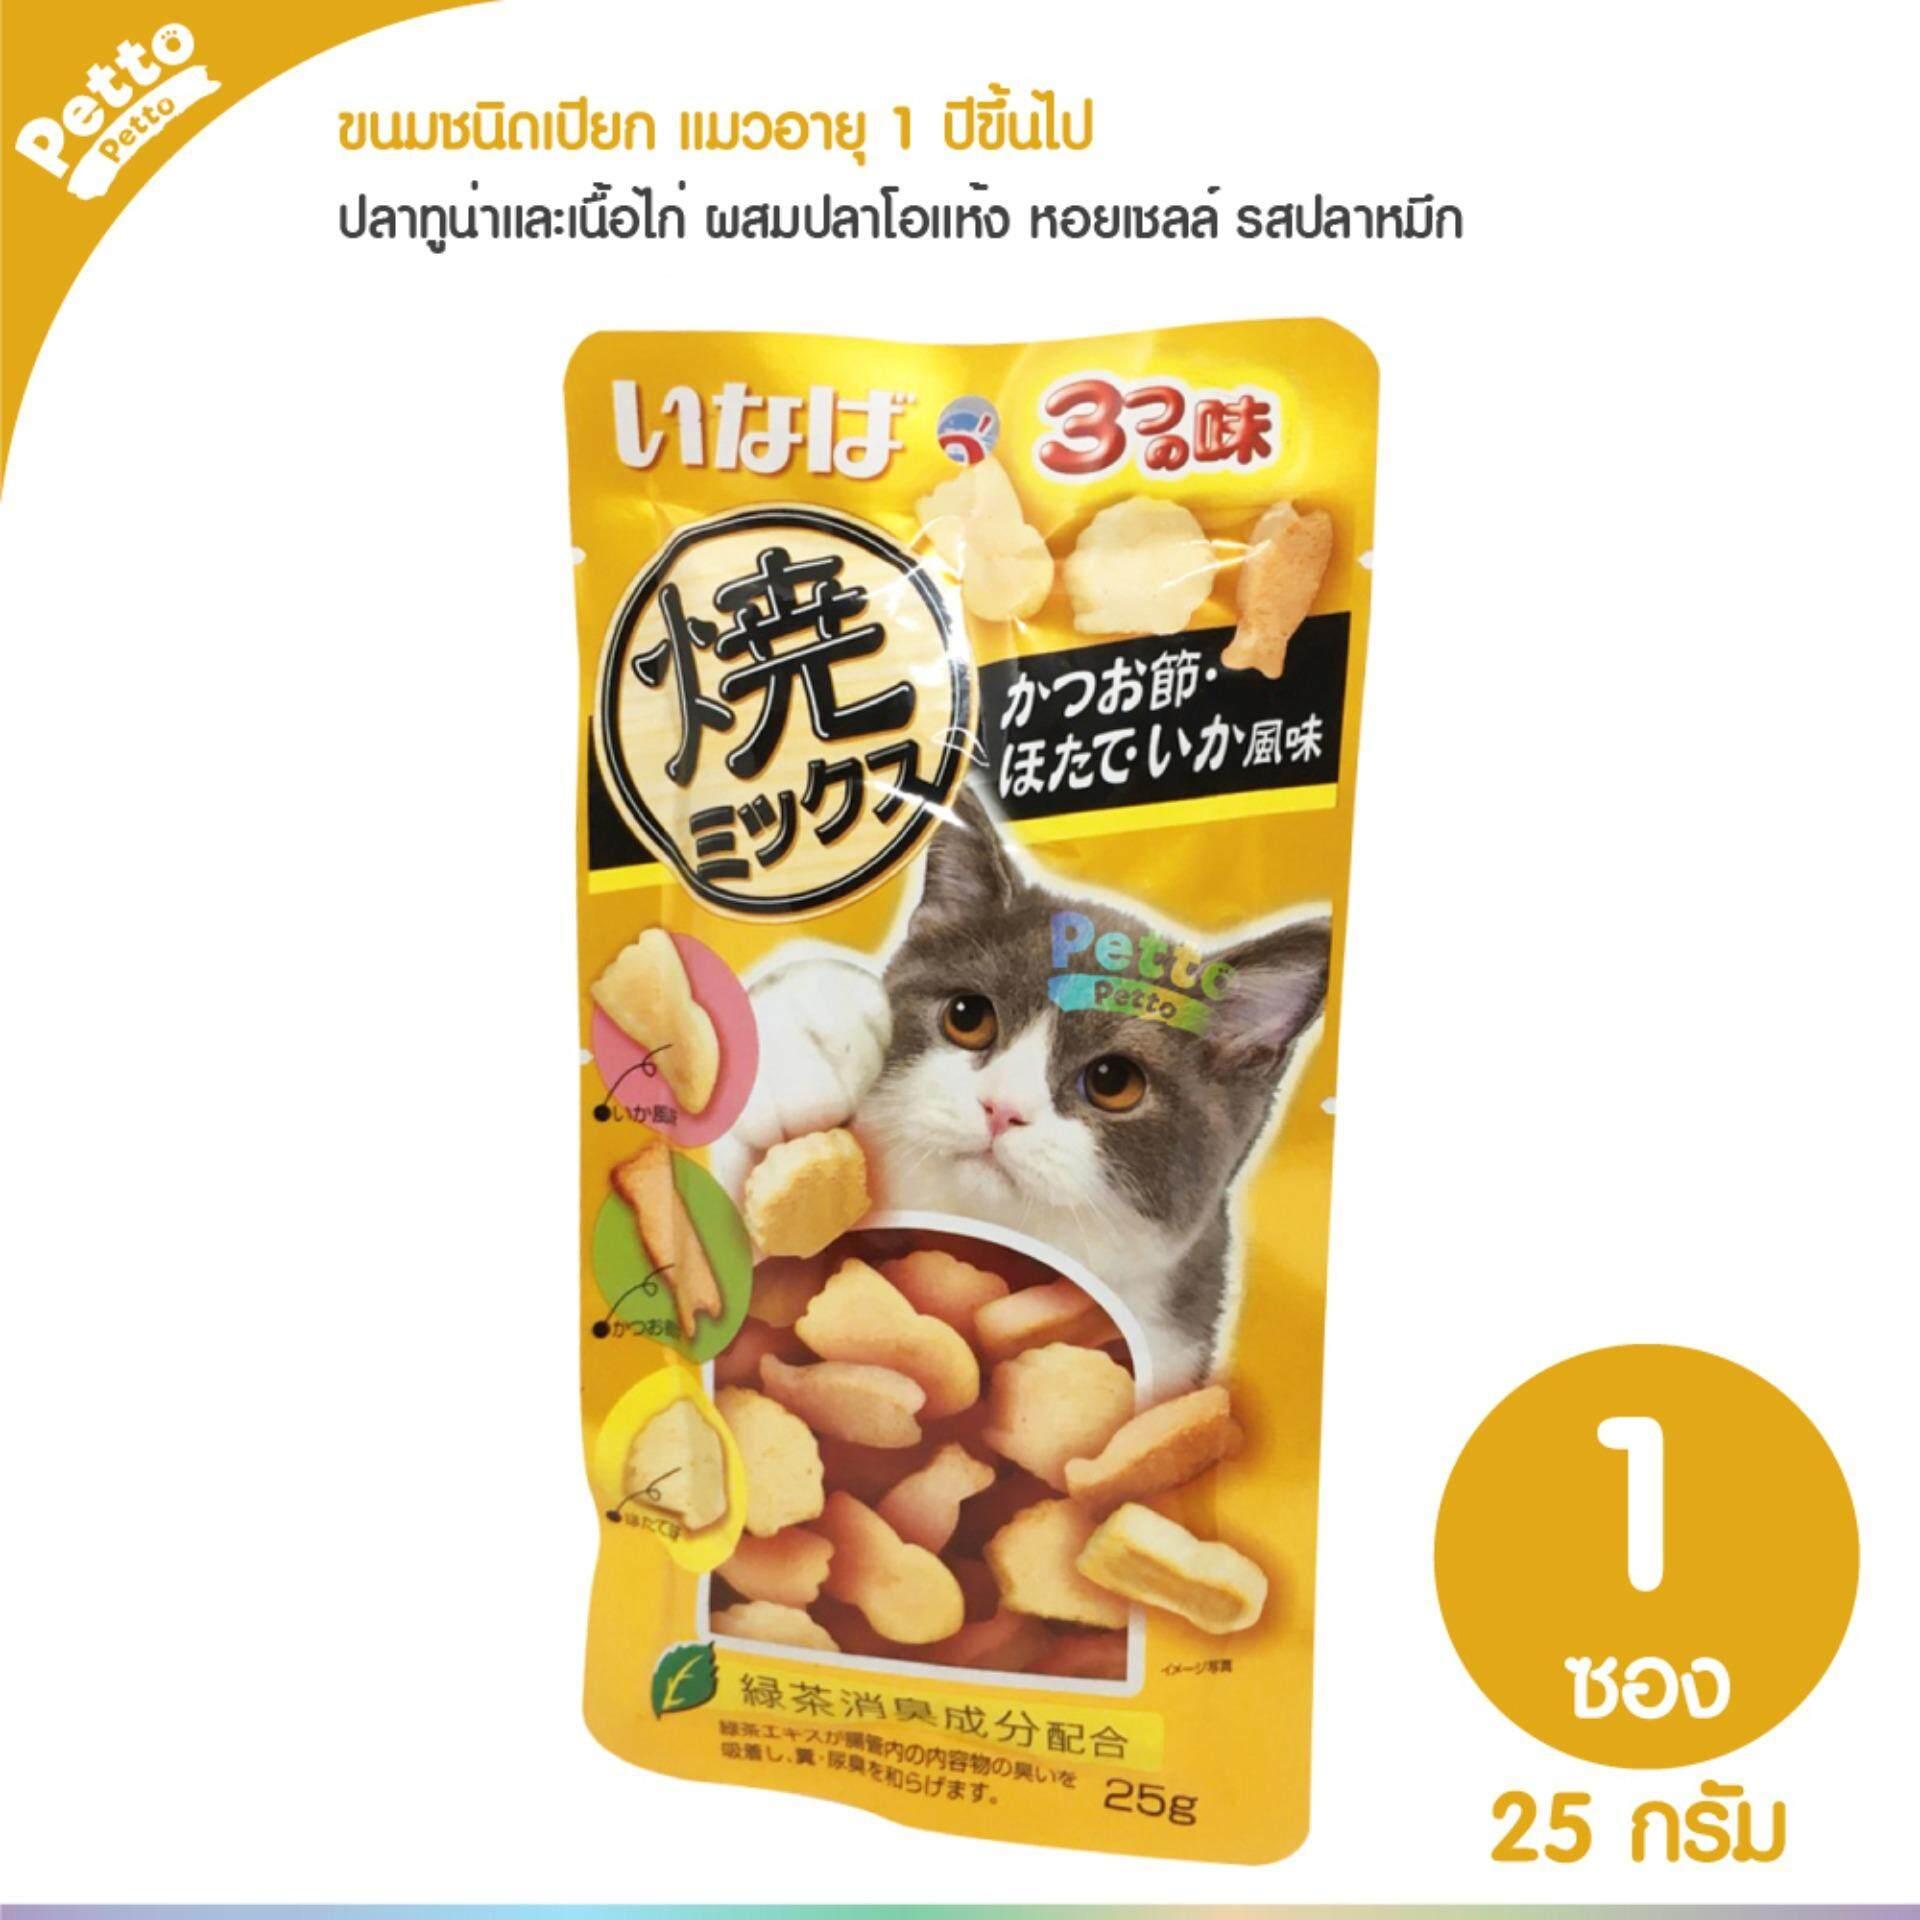 Inaba Soft Bits ขนมแมว รสปลาทูน่าและเนื้อสันในไก่ ผสมปลาโอแห้ง หอยเชลล์ รสปลาหมึก 25 กรัม By Petto Petto.